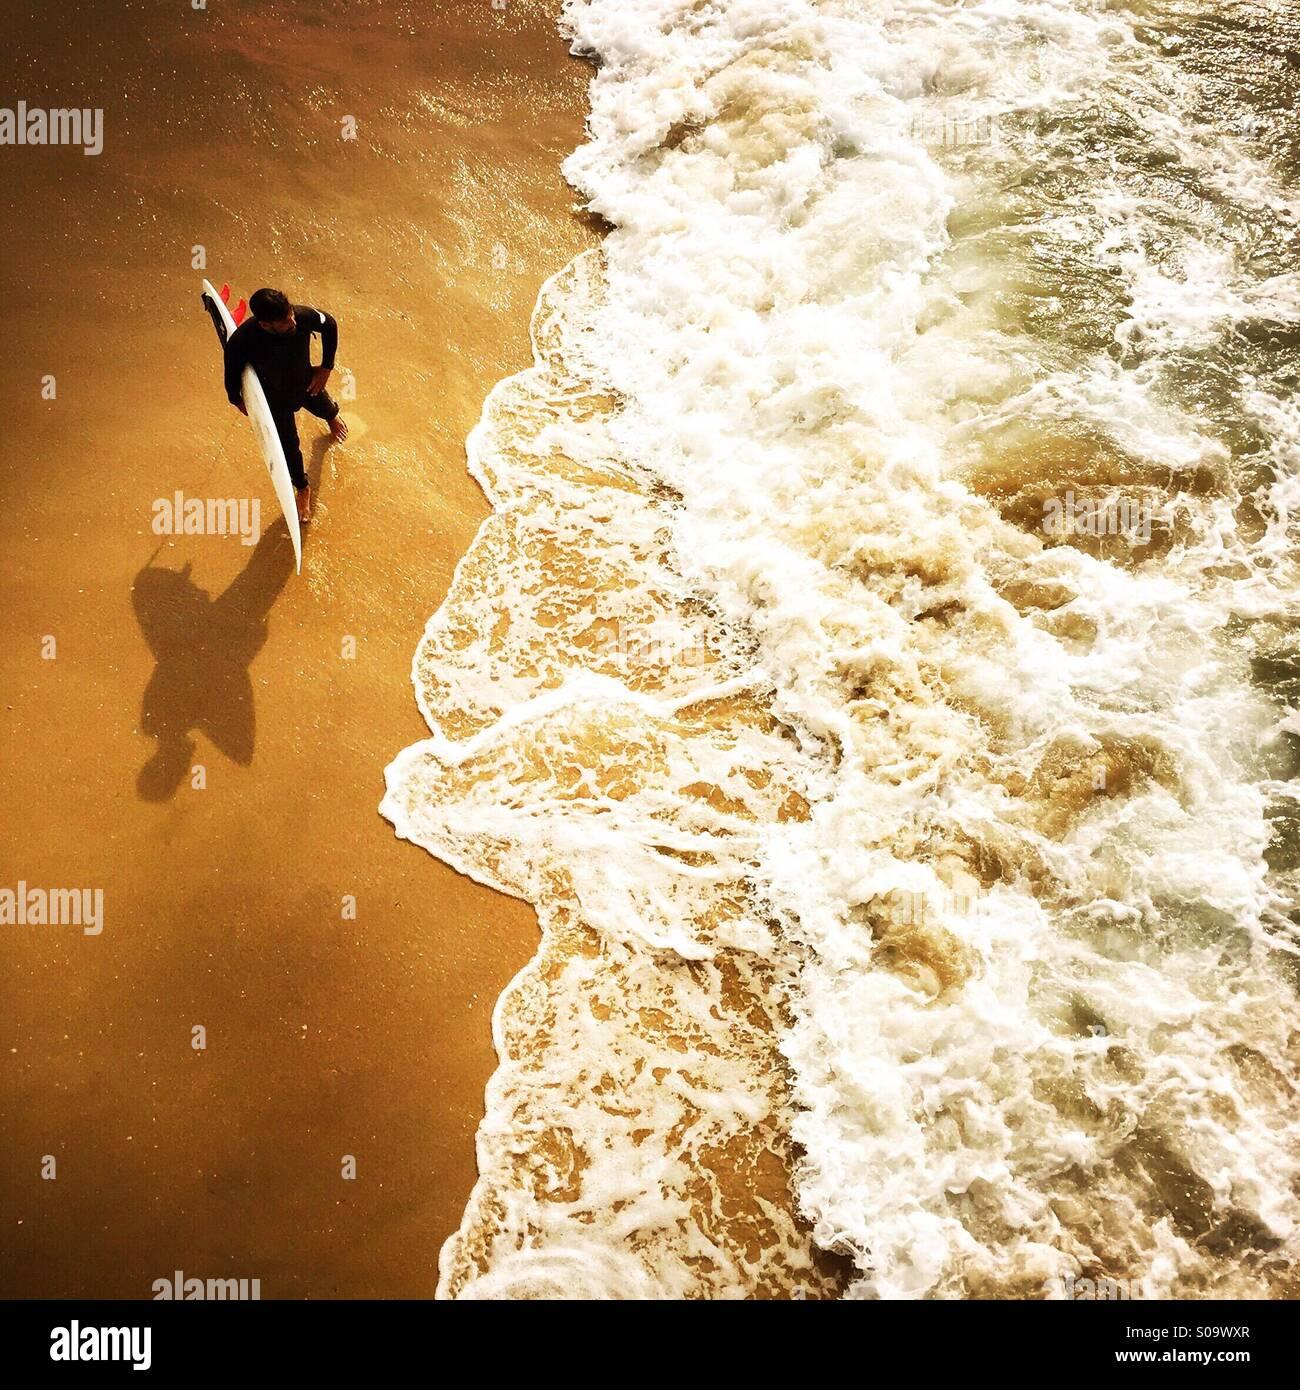 Eine Surfer wartet an der Küste zum Surfen. Manhattan Beach, Kalifornien USA. Stockbild